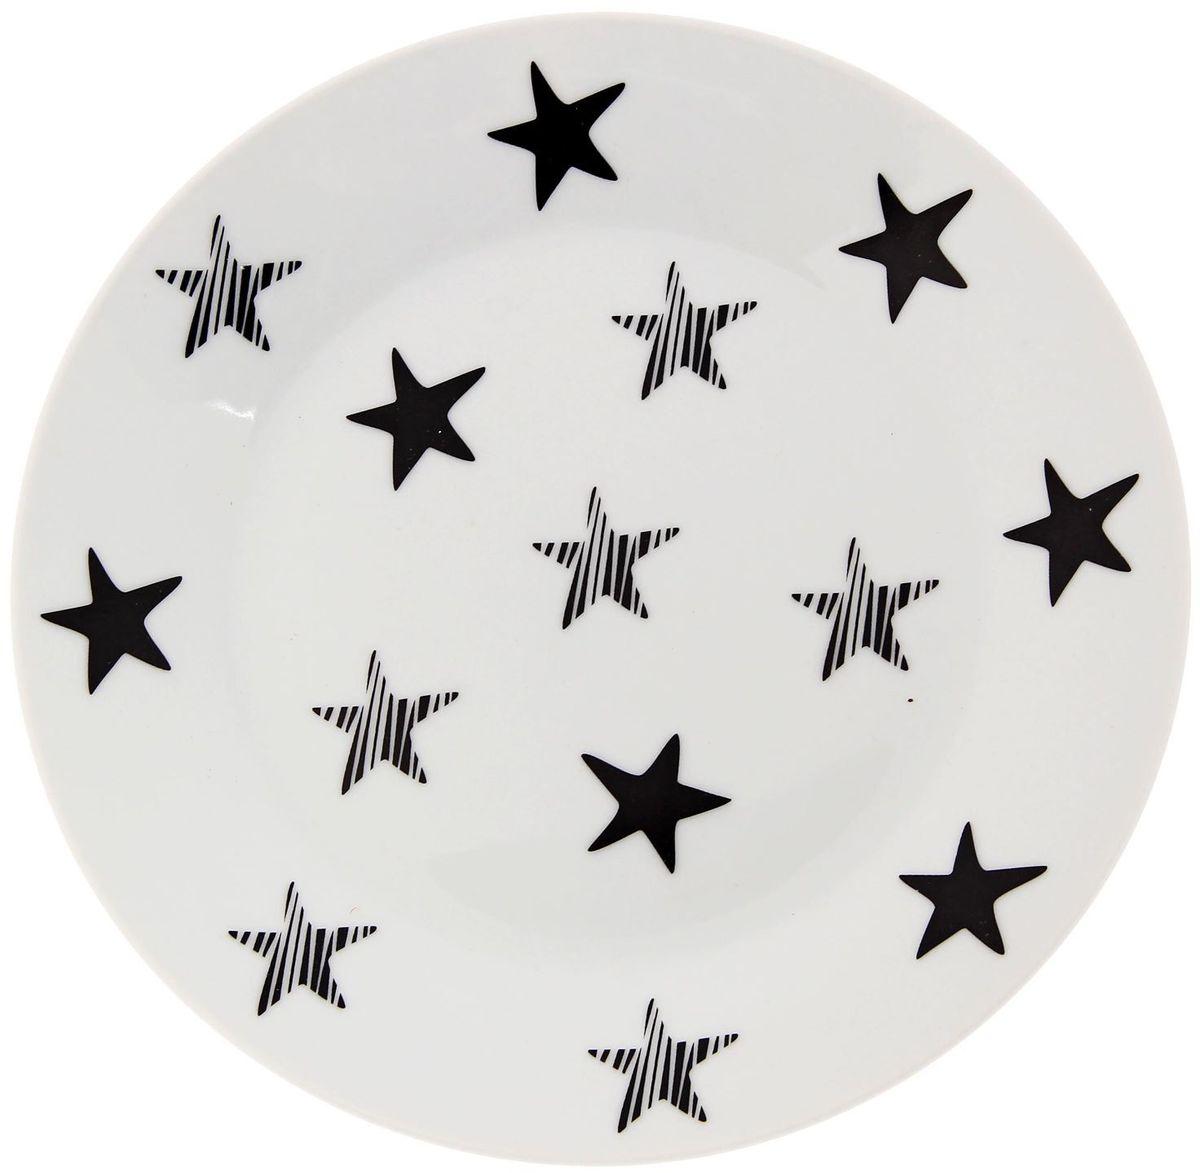 Тарелка мелкая Сотвори чудо My Little Star, диаметр 20 см2277868Хотите обновить интерьер кухни или гостиной? Устраиваете необычную фотосессию или тематический праздник? А может, просто ищете подарок для близкого человека? Посуда Сотвори Чудо — правильный выбор в любой ситуации. Тарелка Сотвори Чудо, изготовленная из изящного фаянса нежного сливочного цвета, оформлена оригинальным рисунком со стойкой краской. Пригодна для посудомоечной машины.